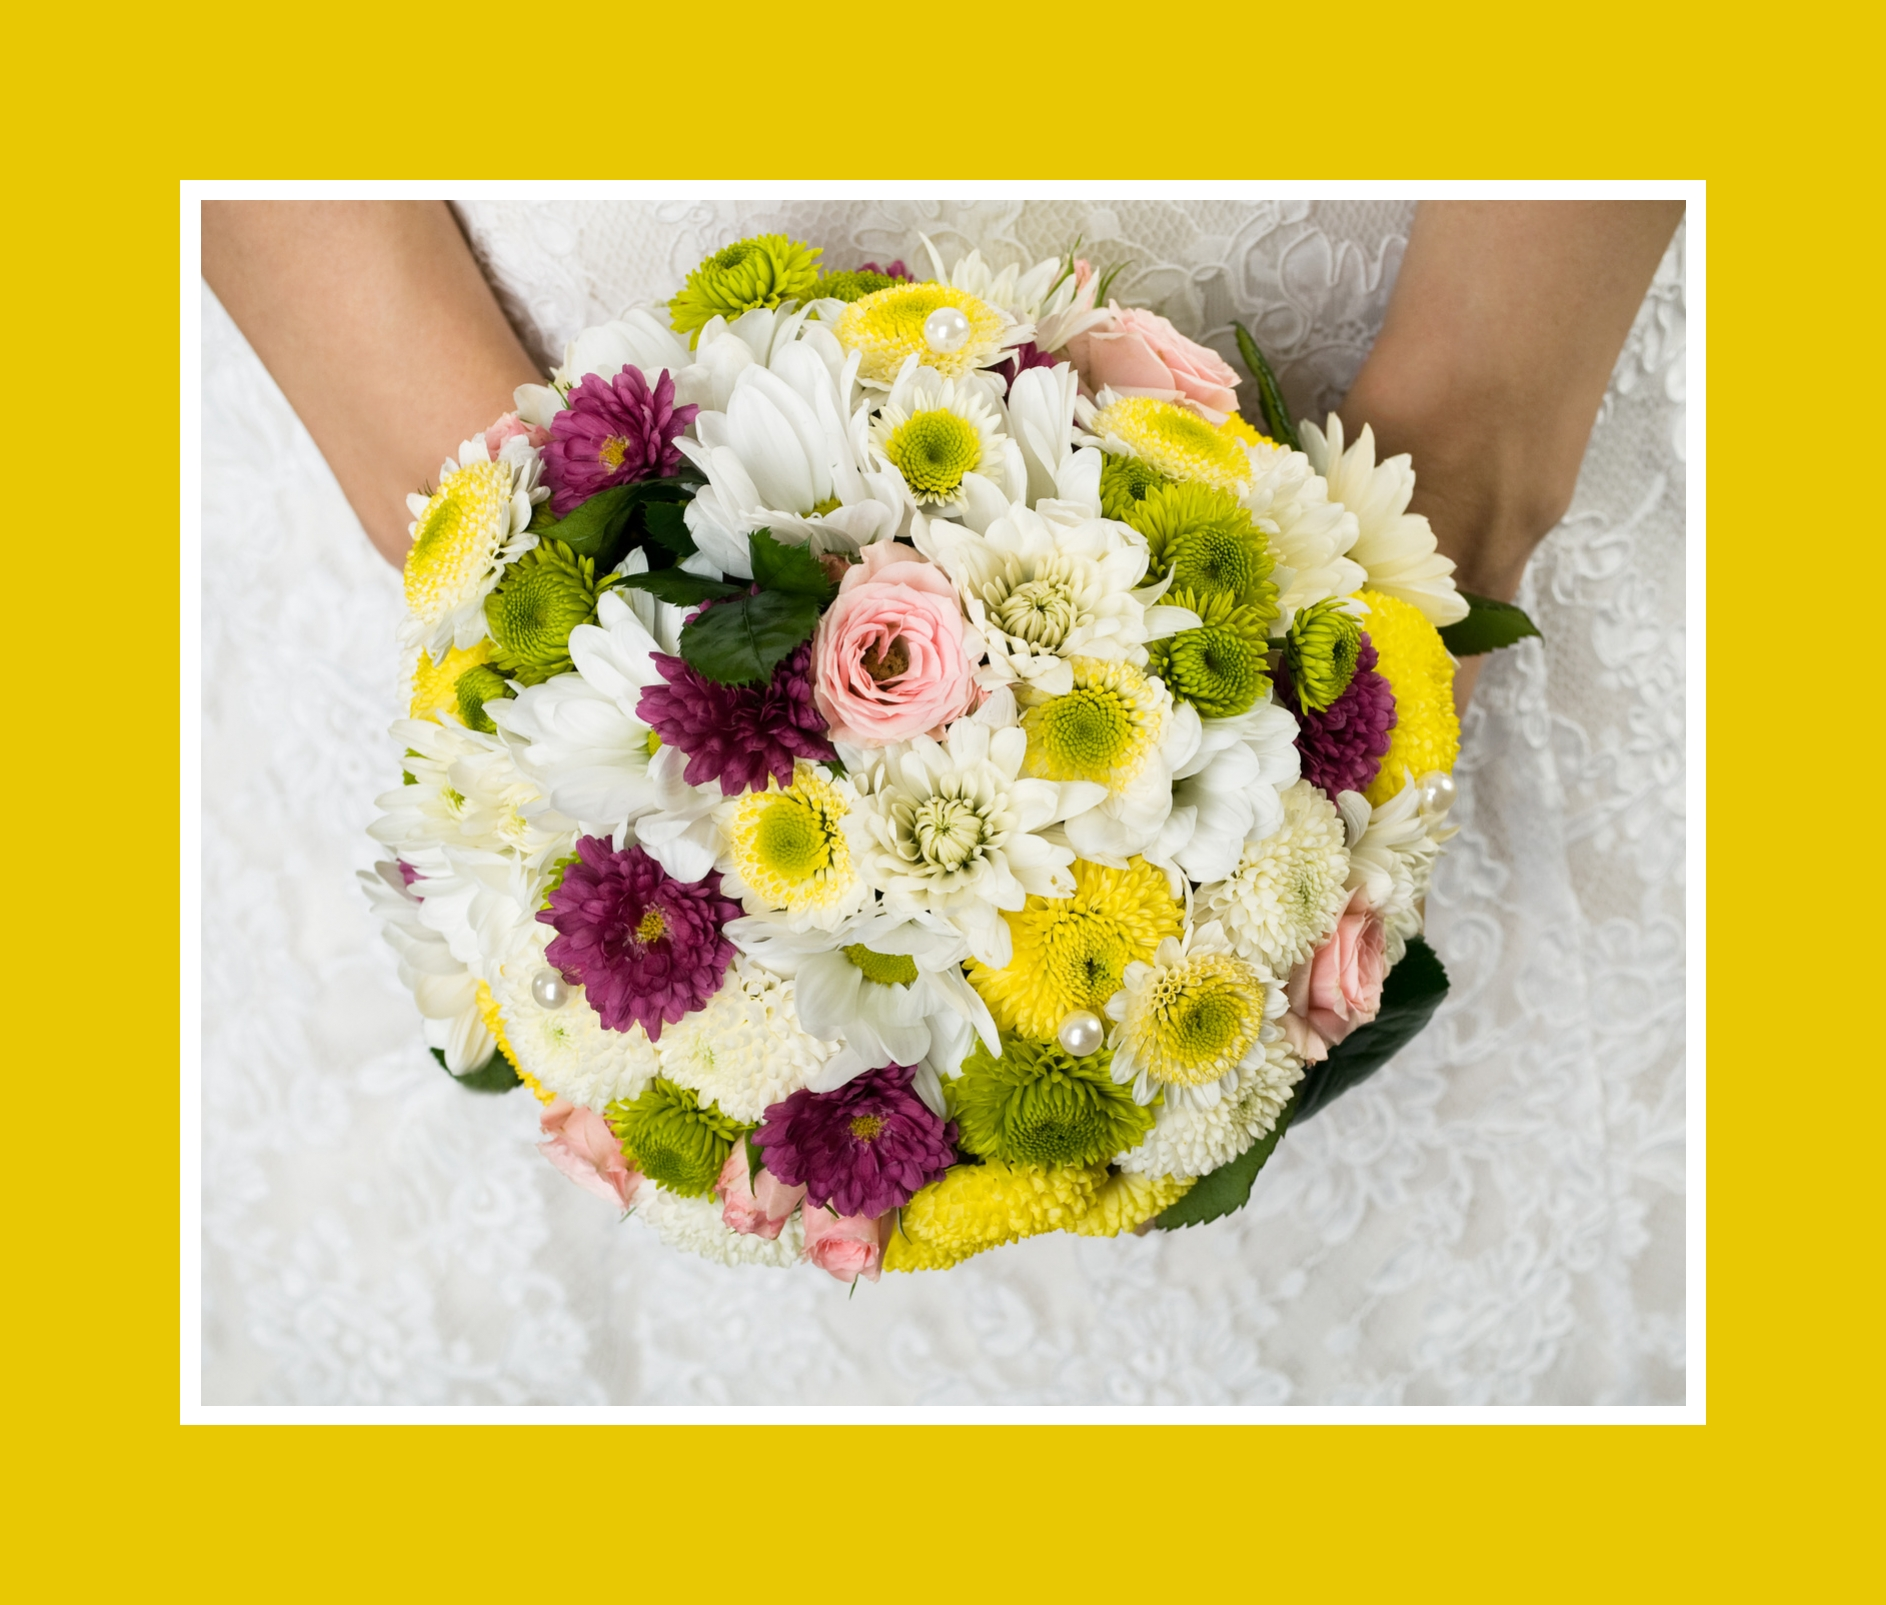 Brautstrauß aus Rosen, Chrysanthemen und Astern mit Grün in Biedermeier-Form